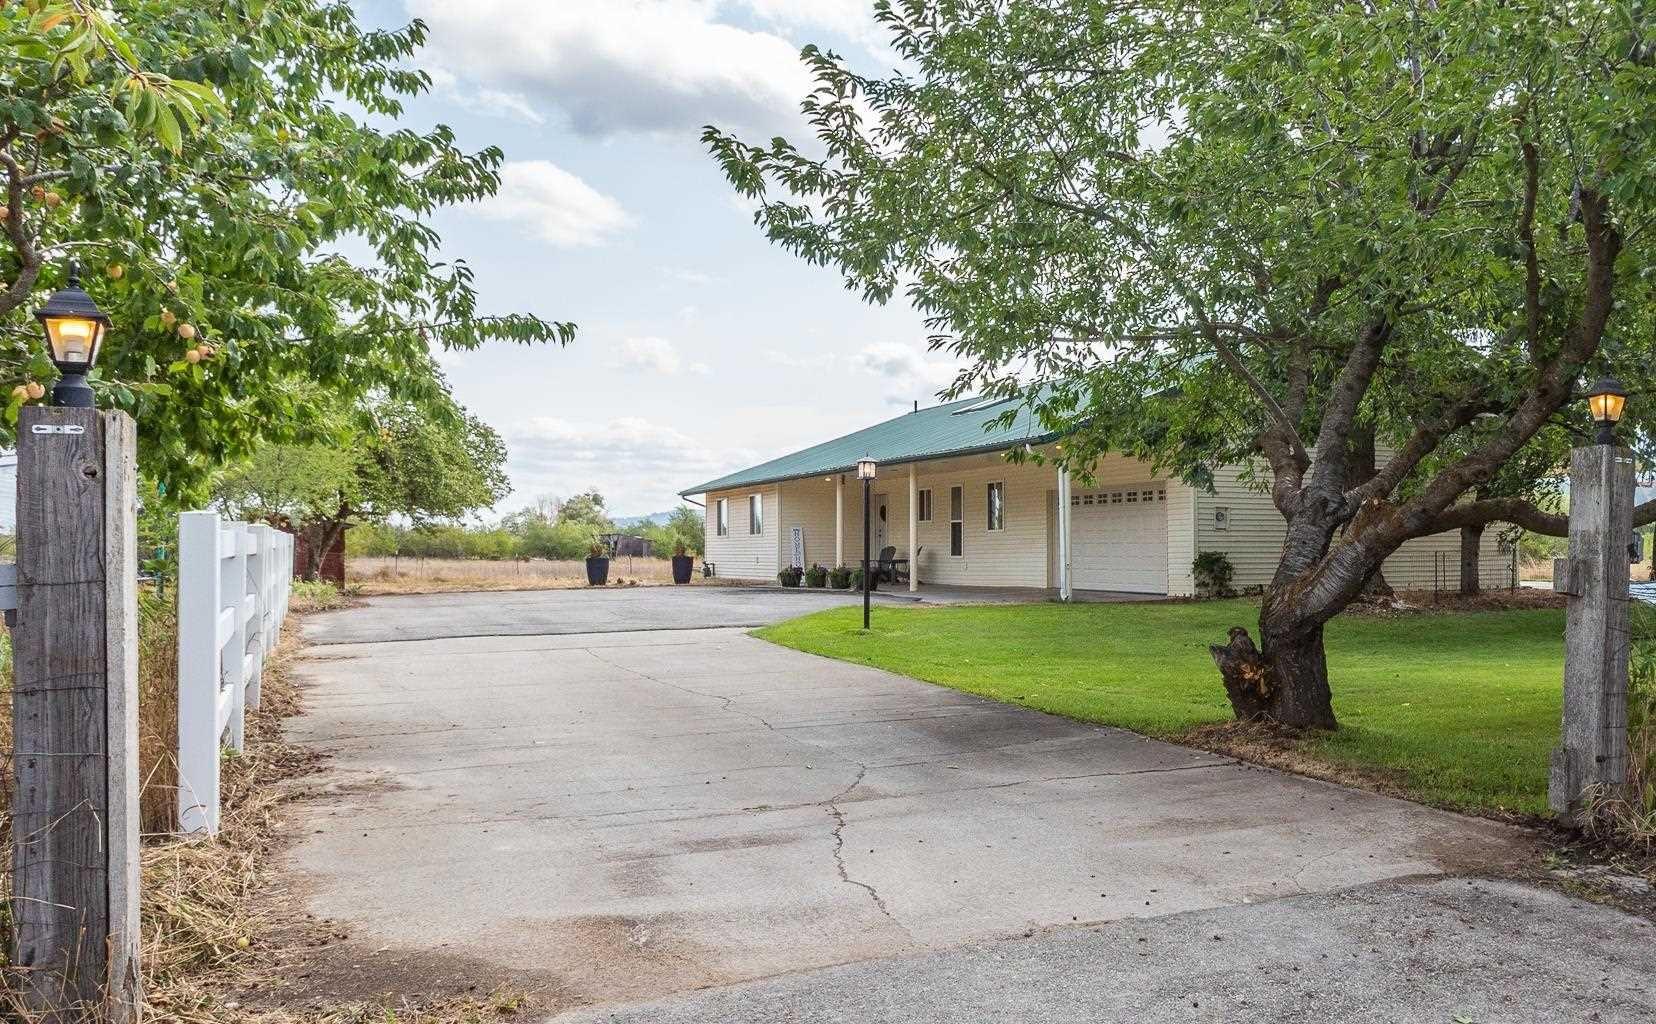 5008 N Malvern Rd, Otis Orchards, WA 99027 - #: 202121037